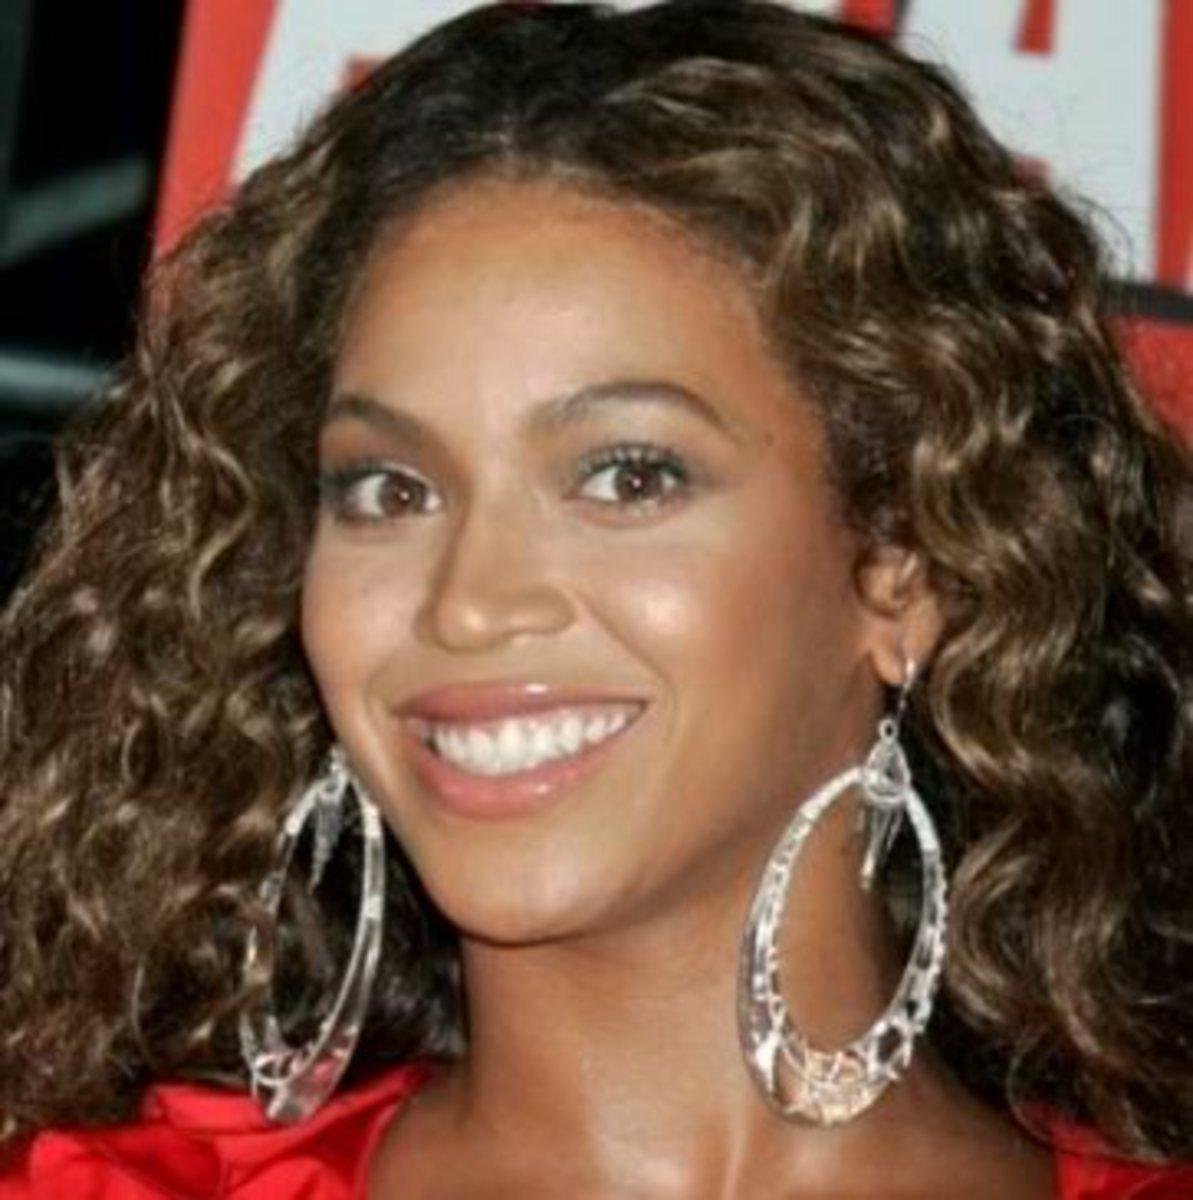 Beyonce Knowles with hook earrings